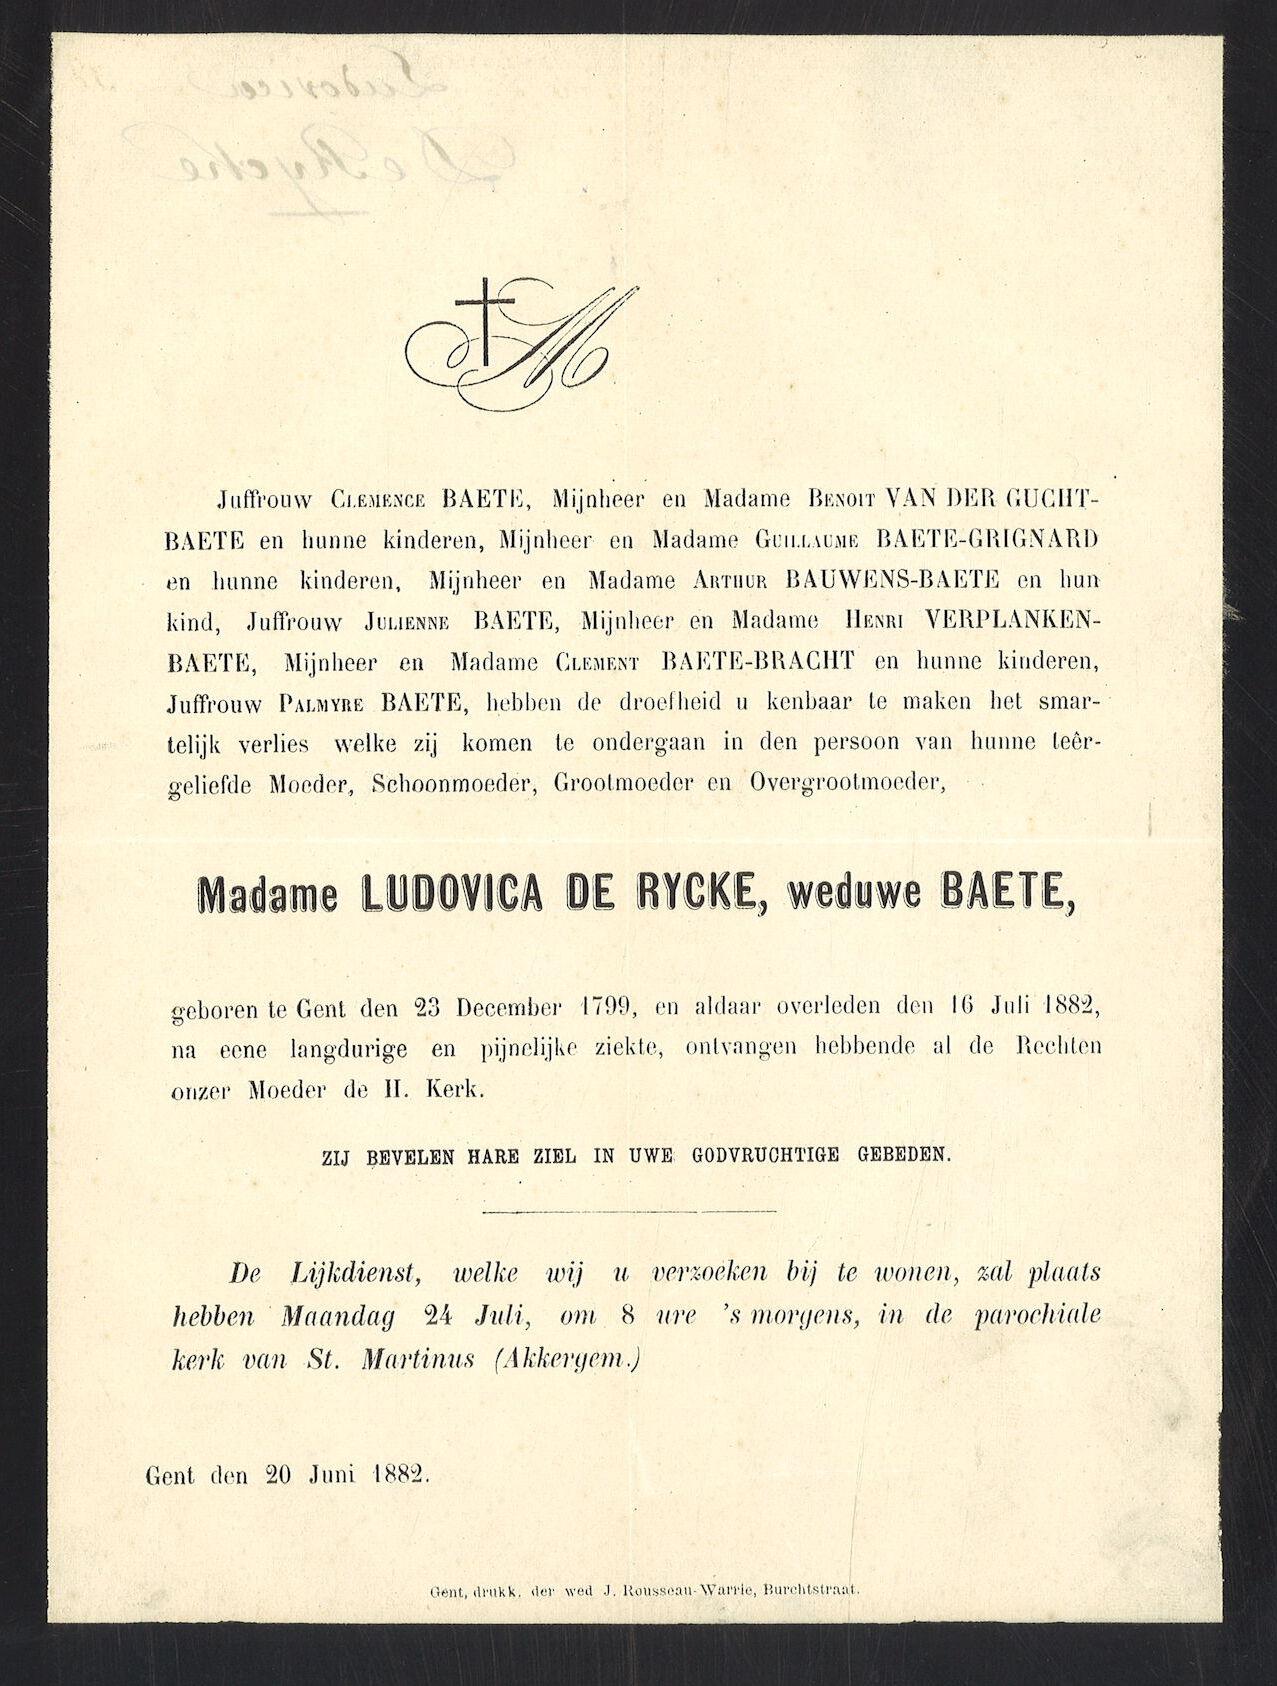 Ludovica De Rycke